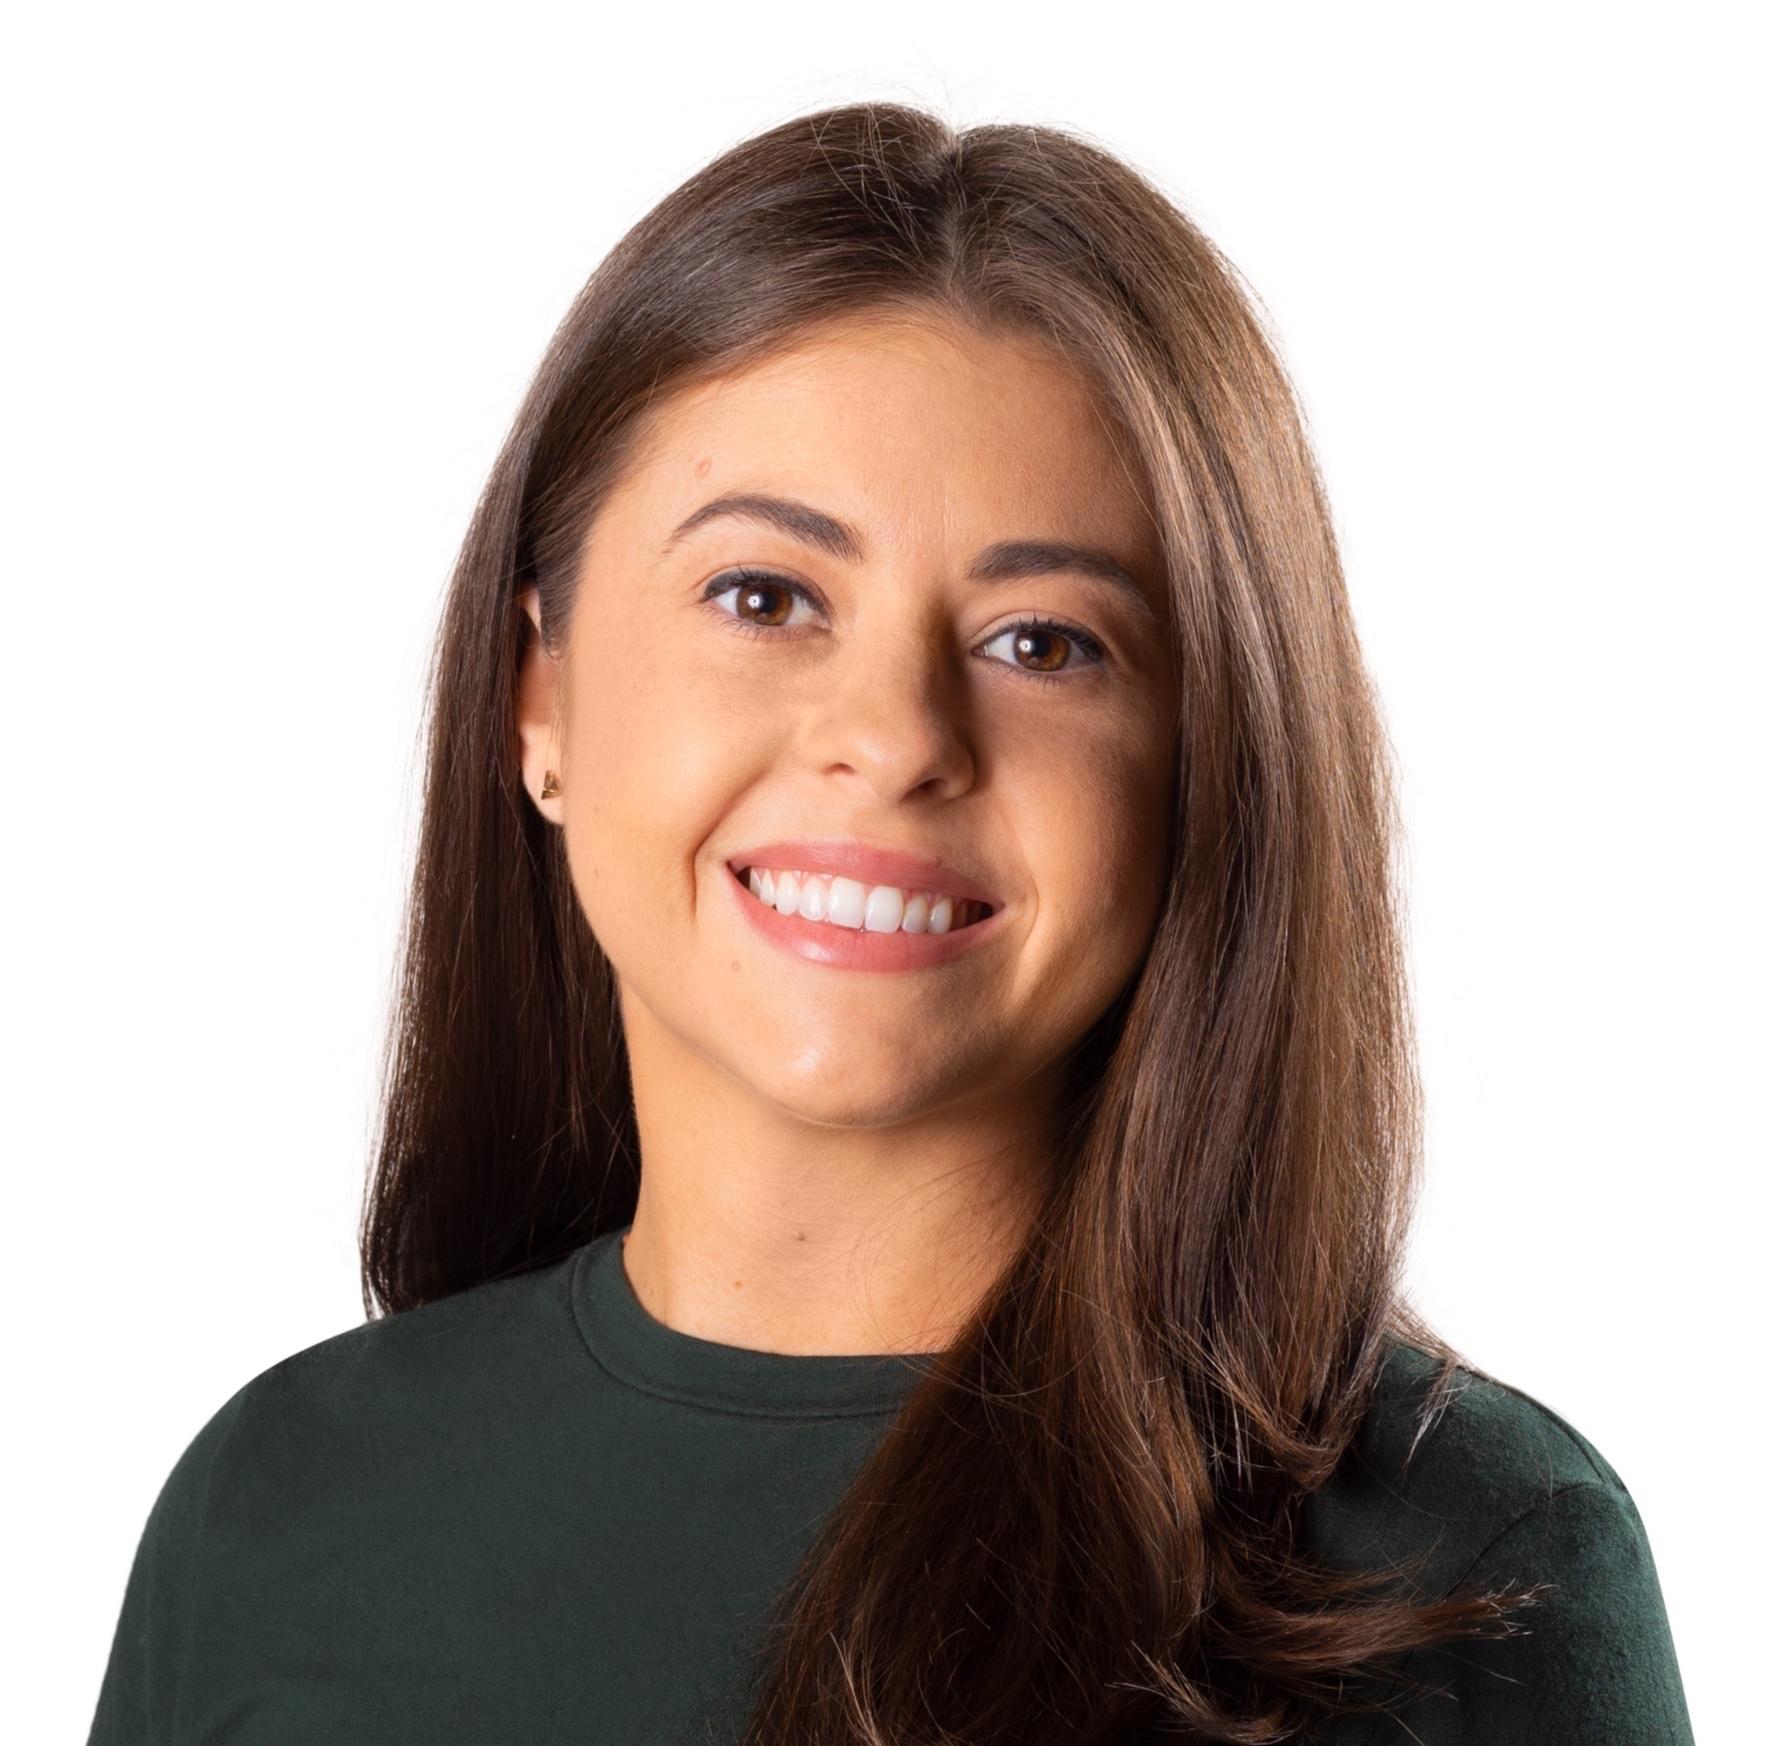 Heather Kallman